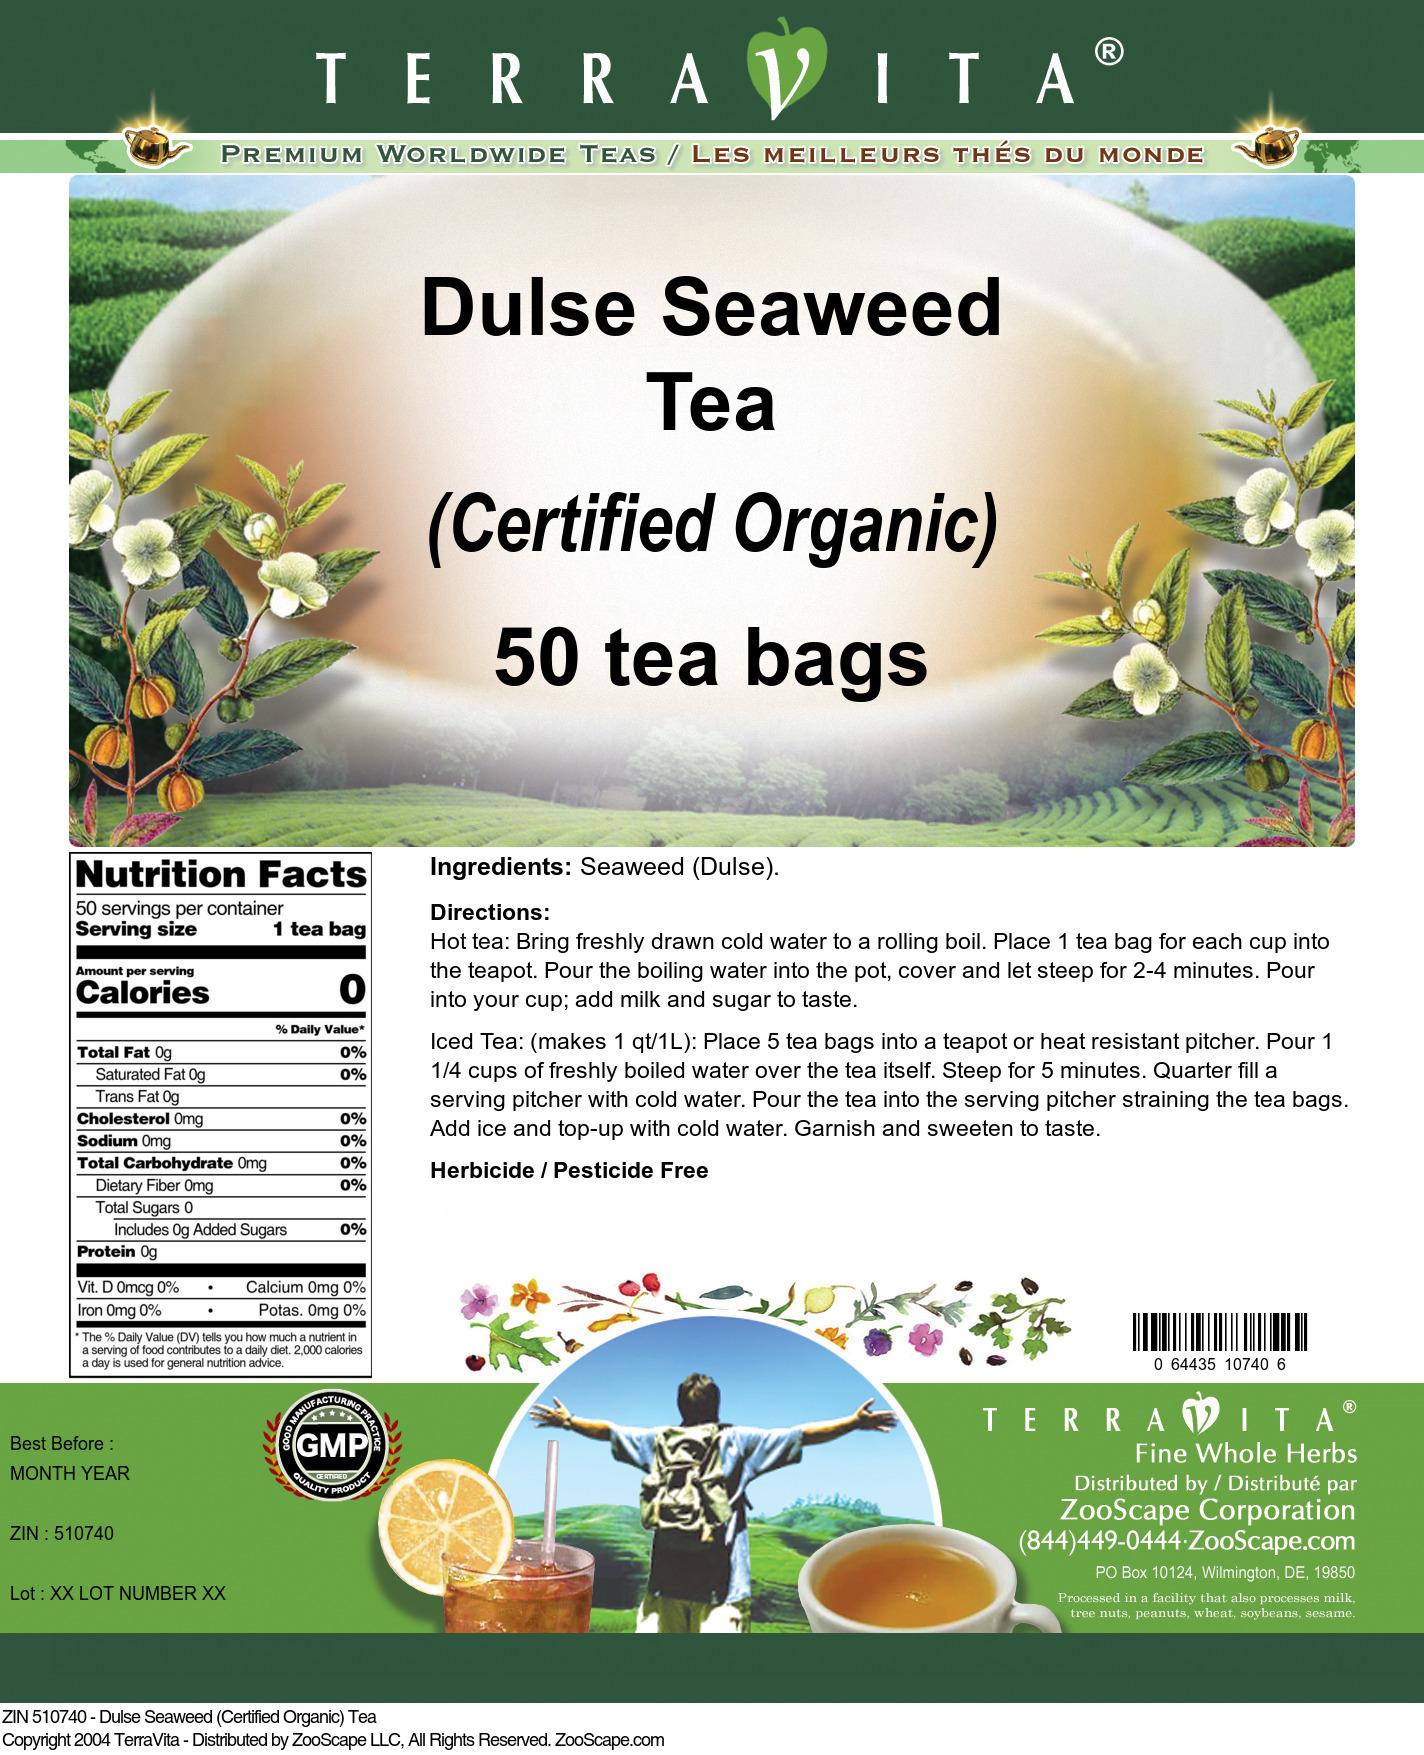 Dulse Seaweed (Certified Organic) Tea